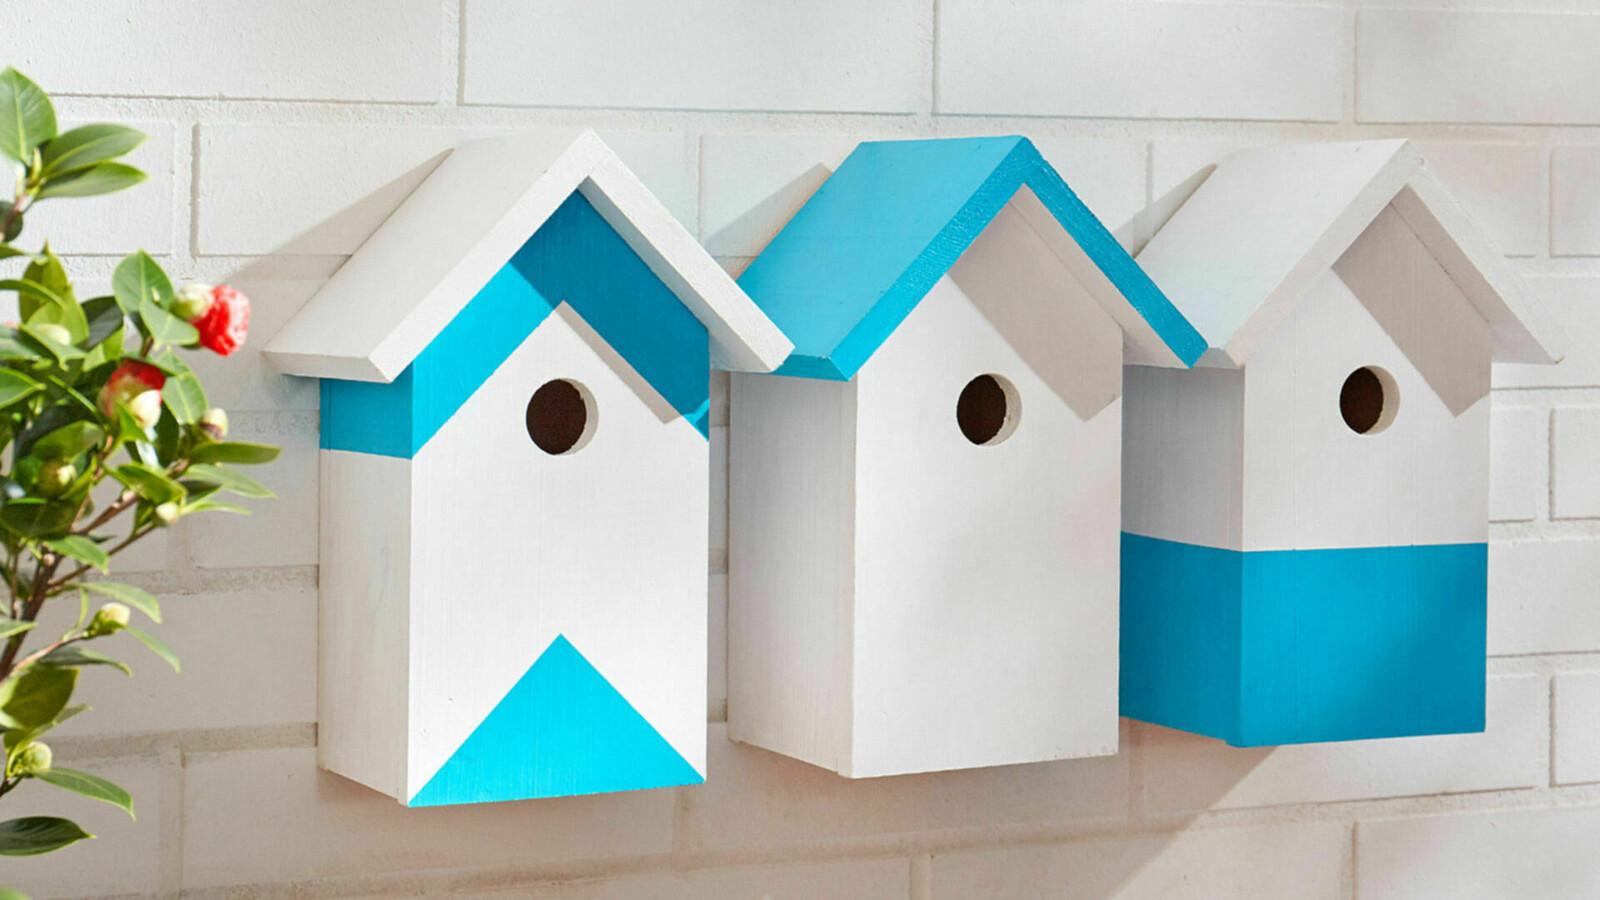 Kinderkamer Behang Vogelhuisjes : Houten vogelhuisjes voordemakers.nl